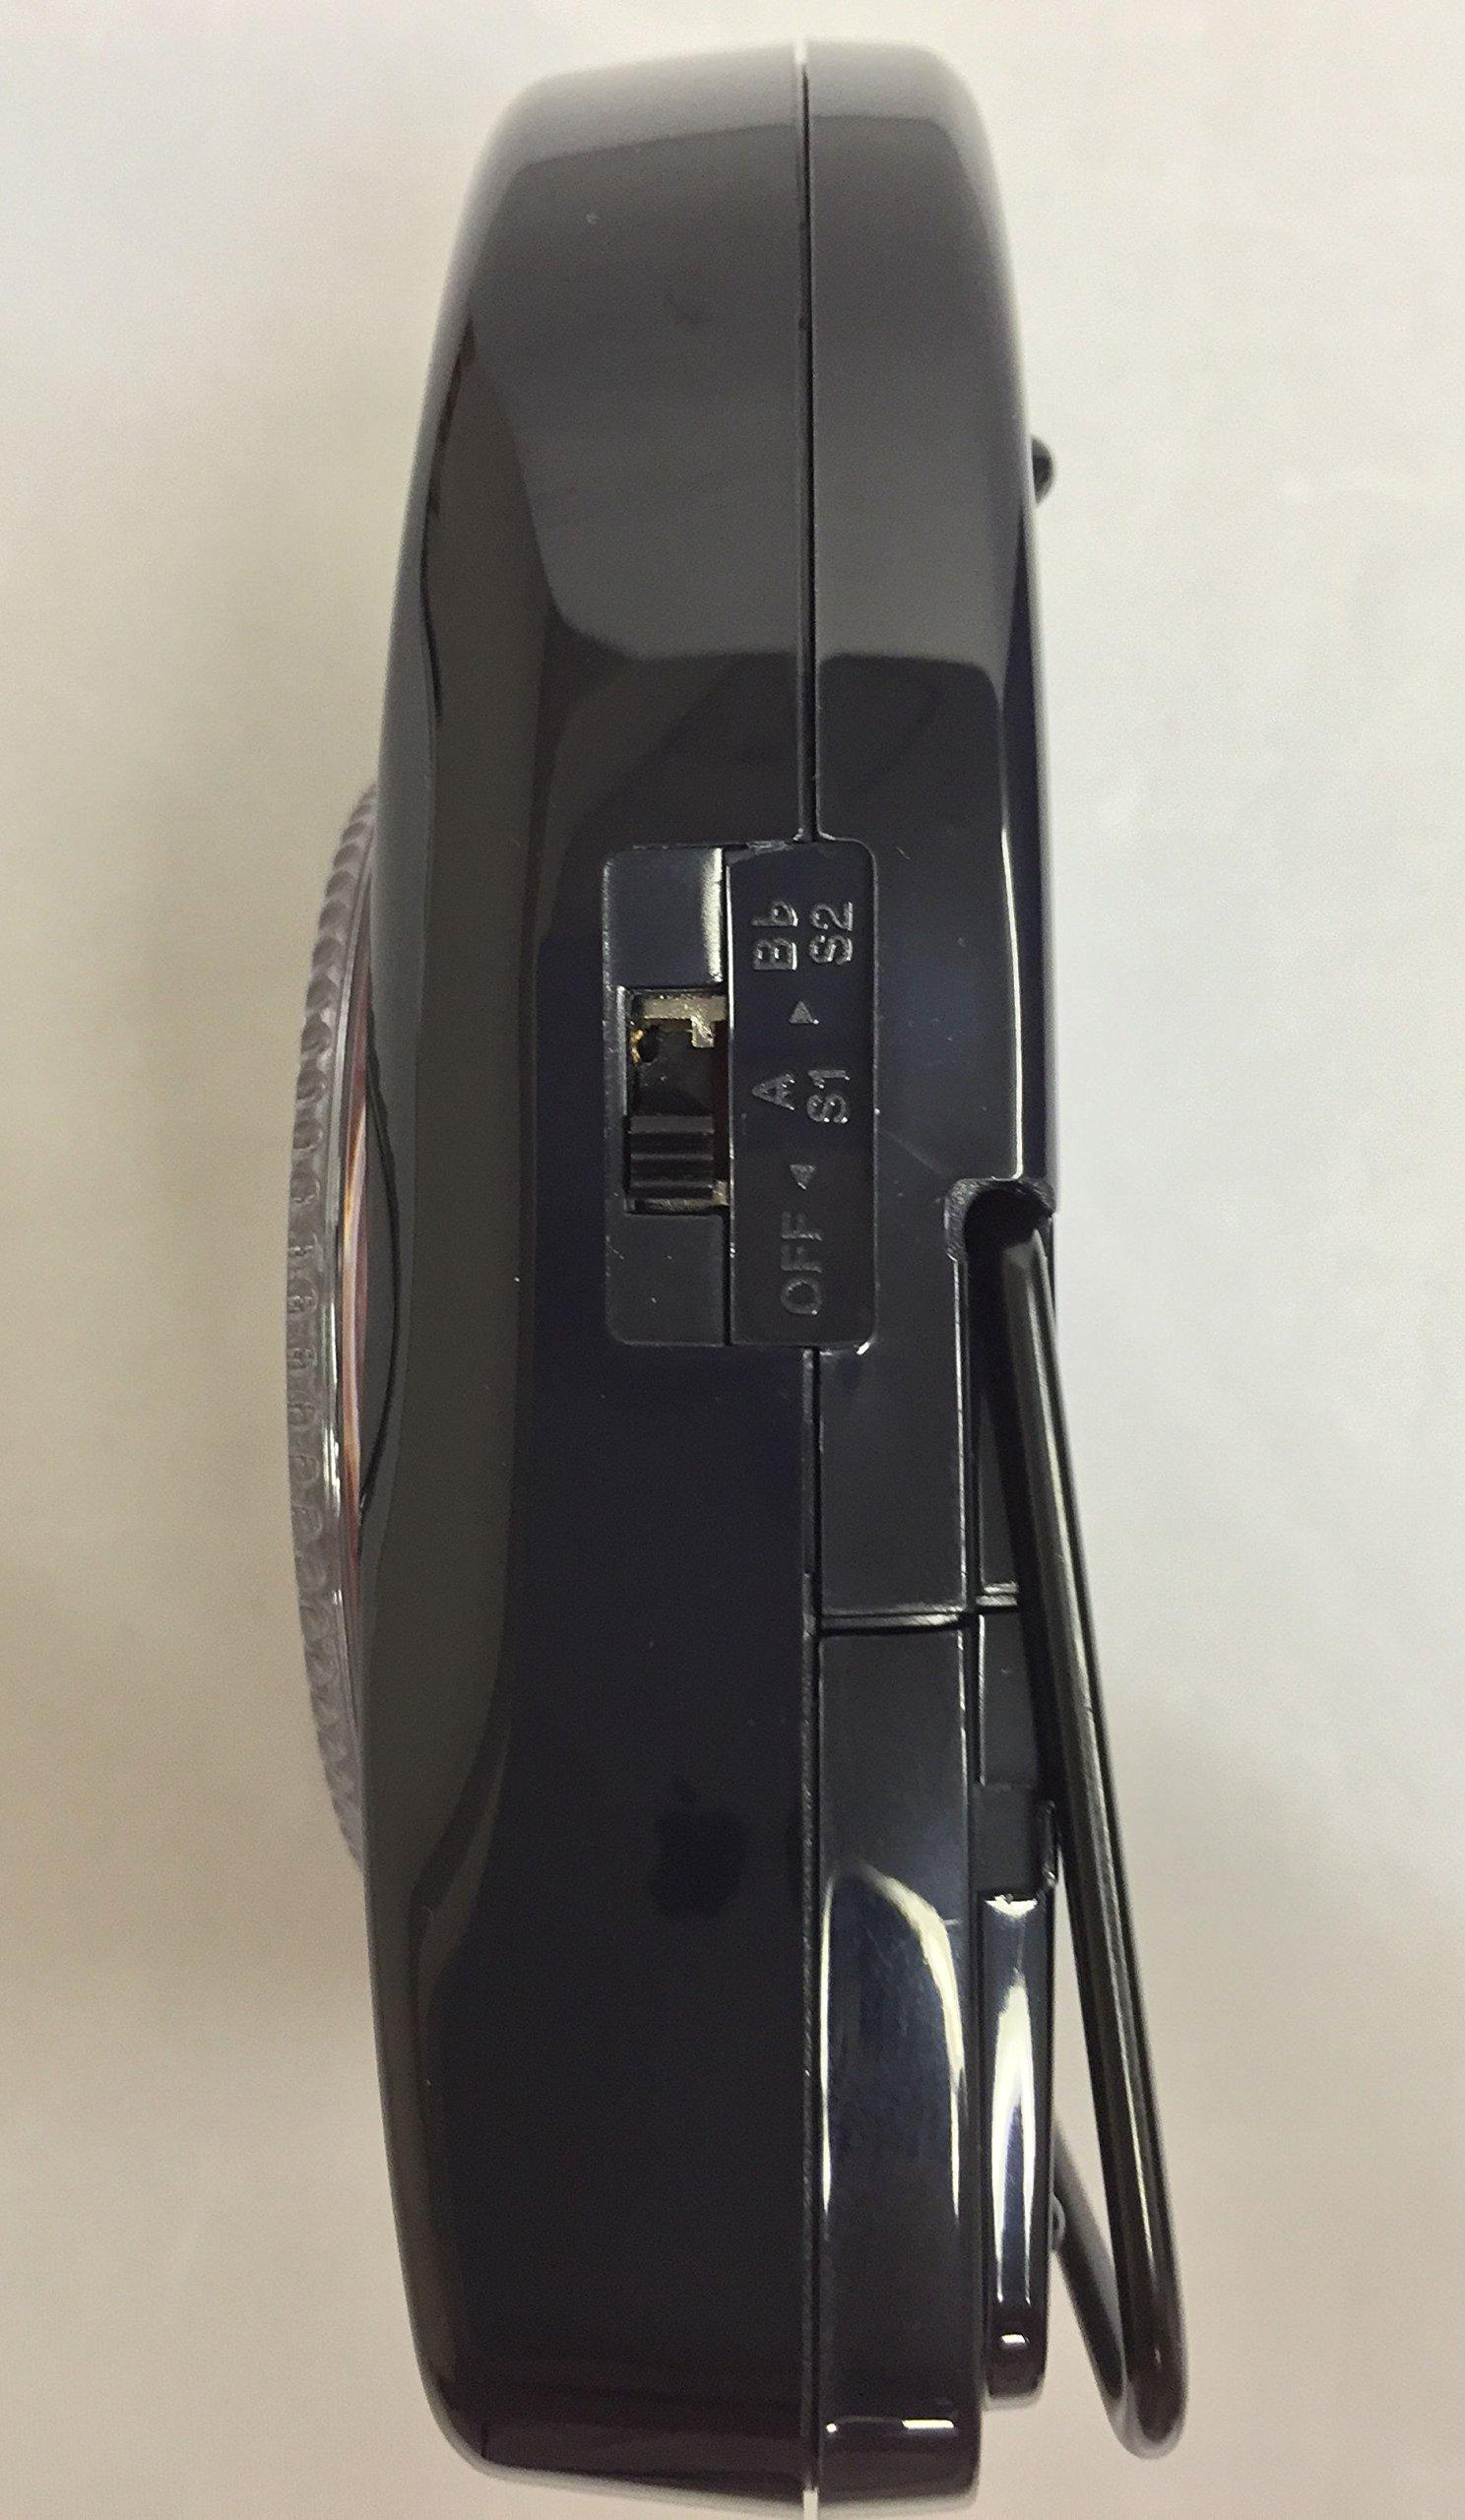 Seiko SQ50-V Quartz Metronome by Seiko (Image #4)